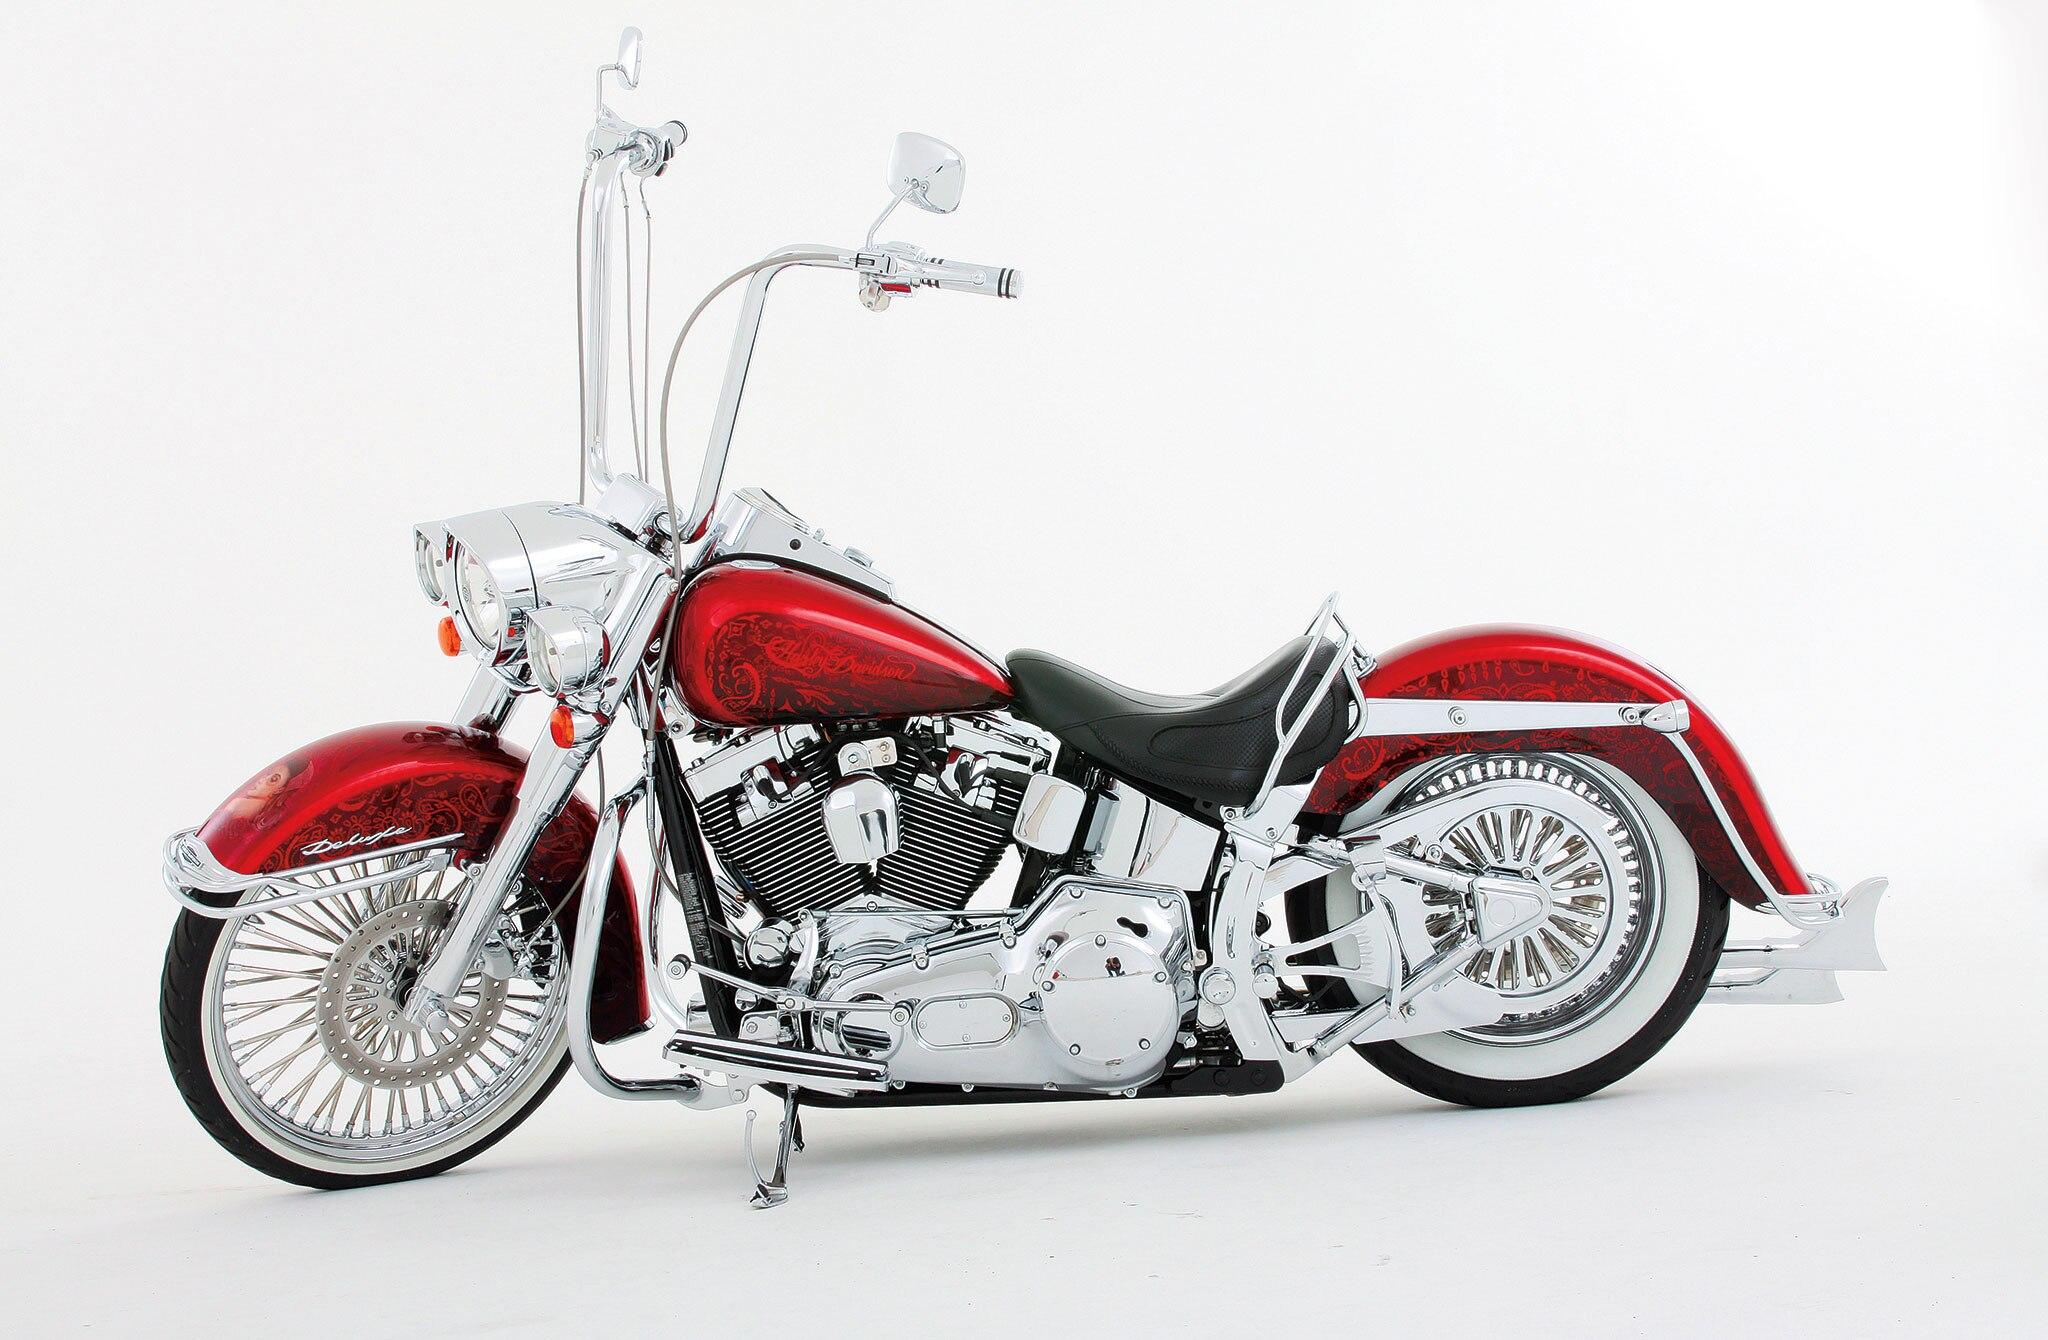 Lowrider Miami >> 2005 Harley Davidson Softail Deluxe - Dia de Los Muertos - Lowrider